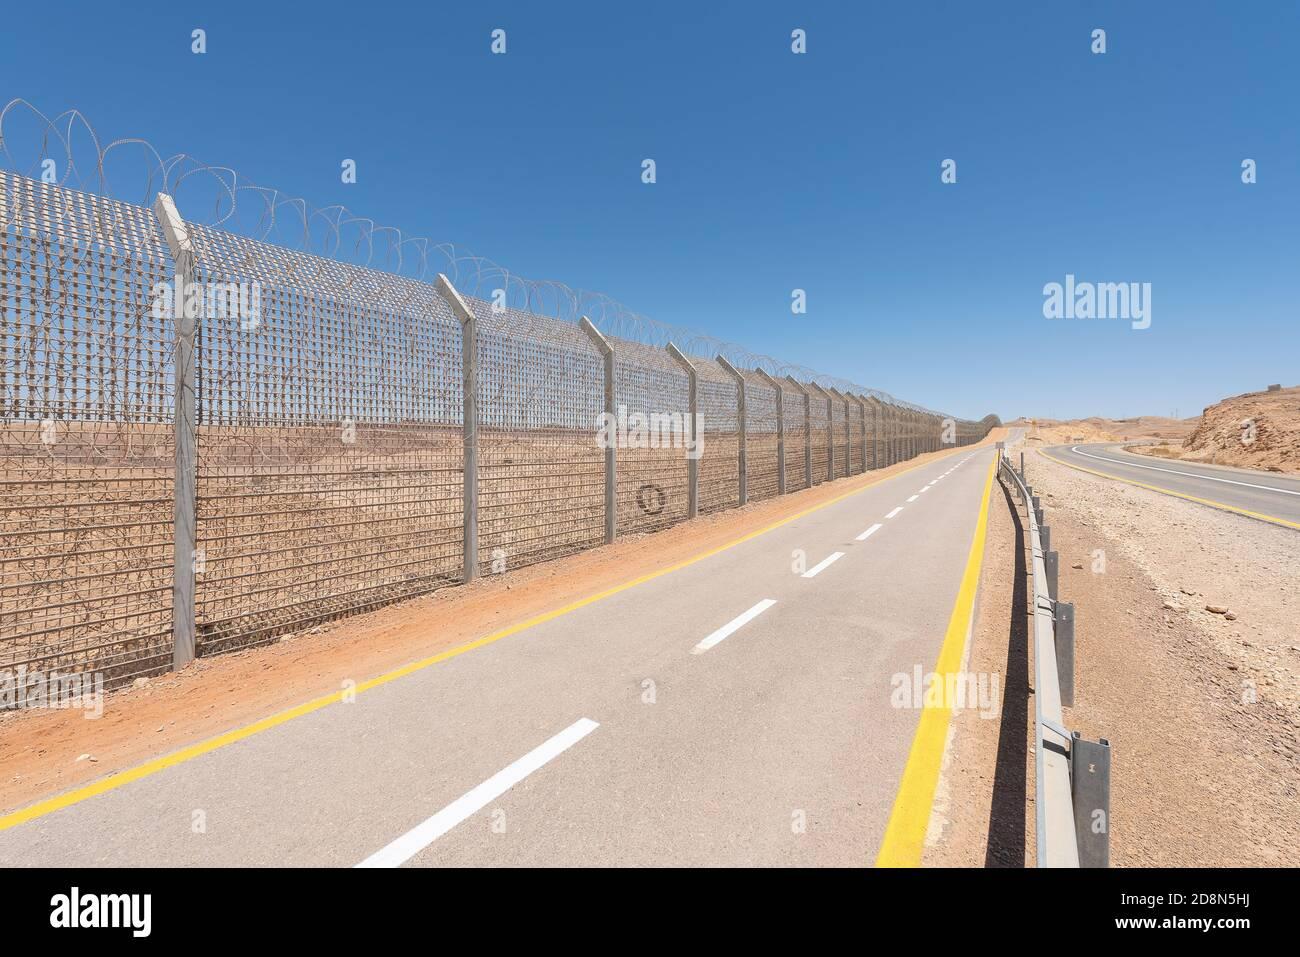 The Israeli border with Egypt in the Negev desert. Stock Photo